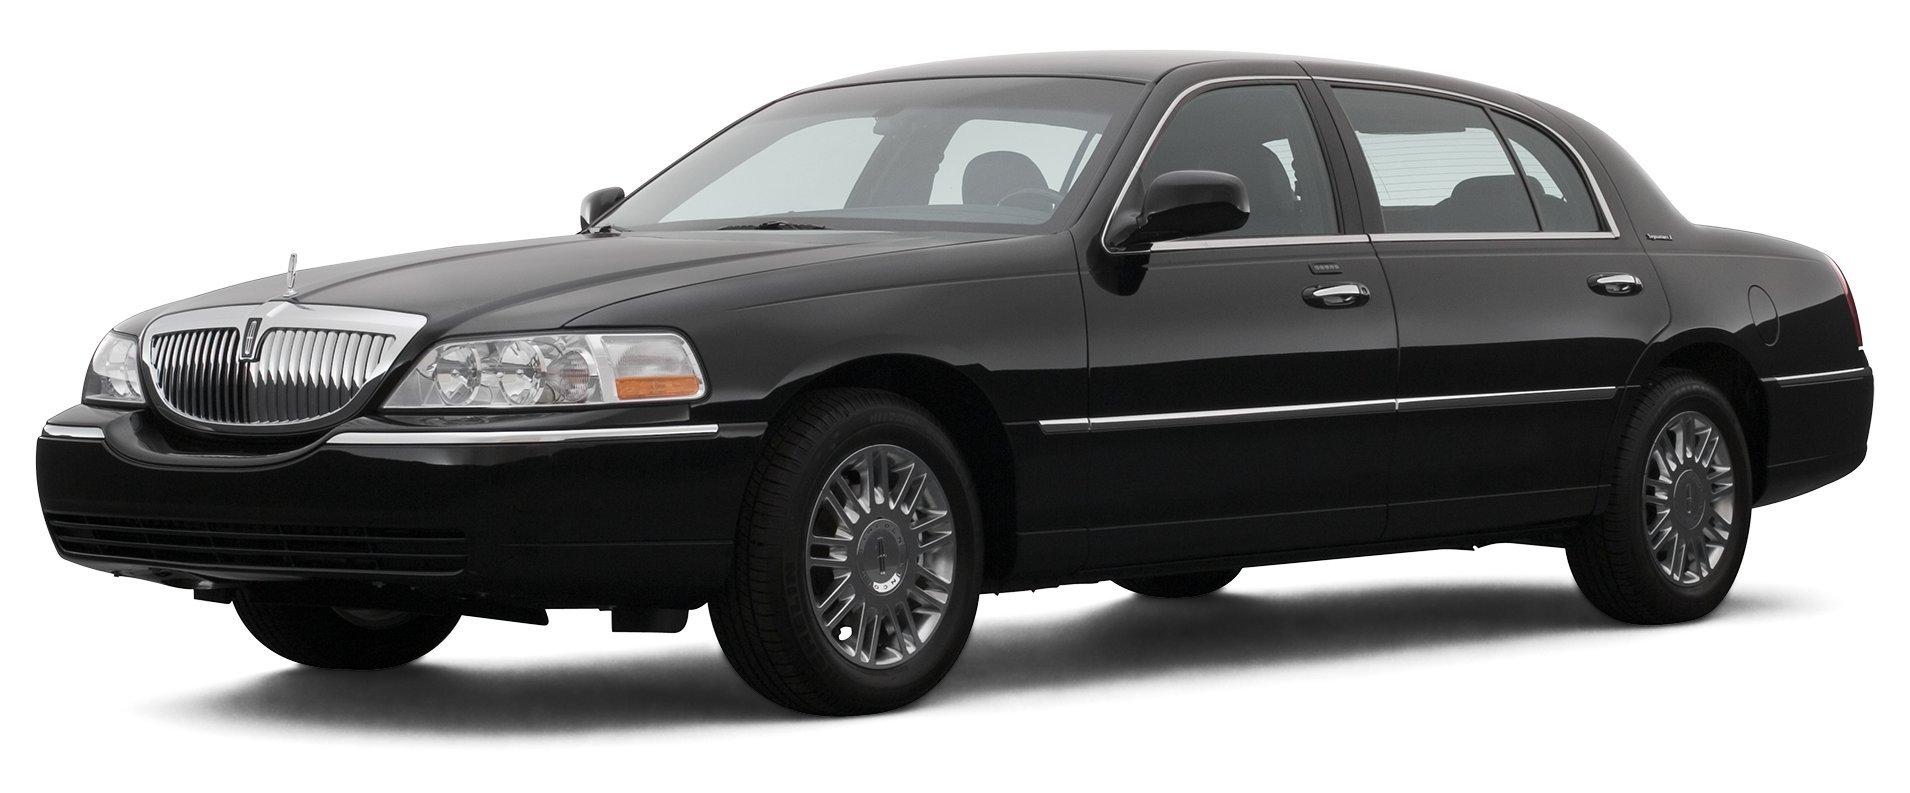 2007 Lincoln Town Car Designer Series, 4-Door Sedan ...